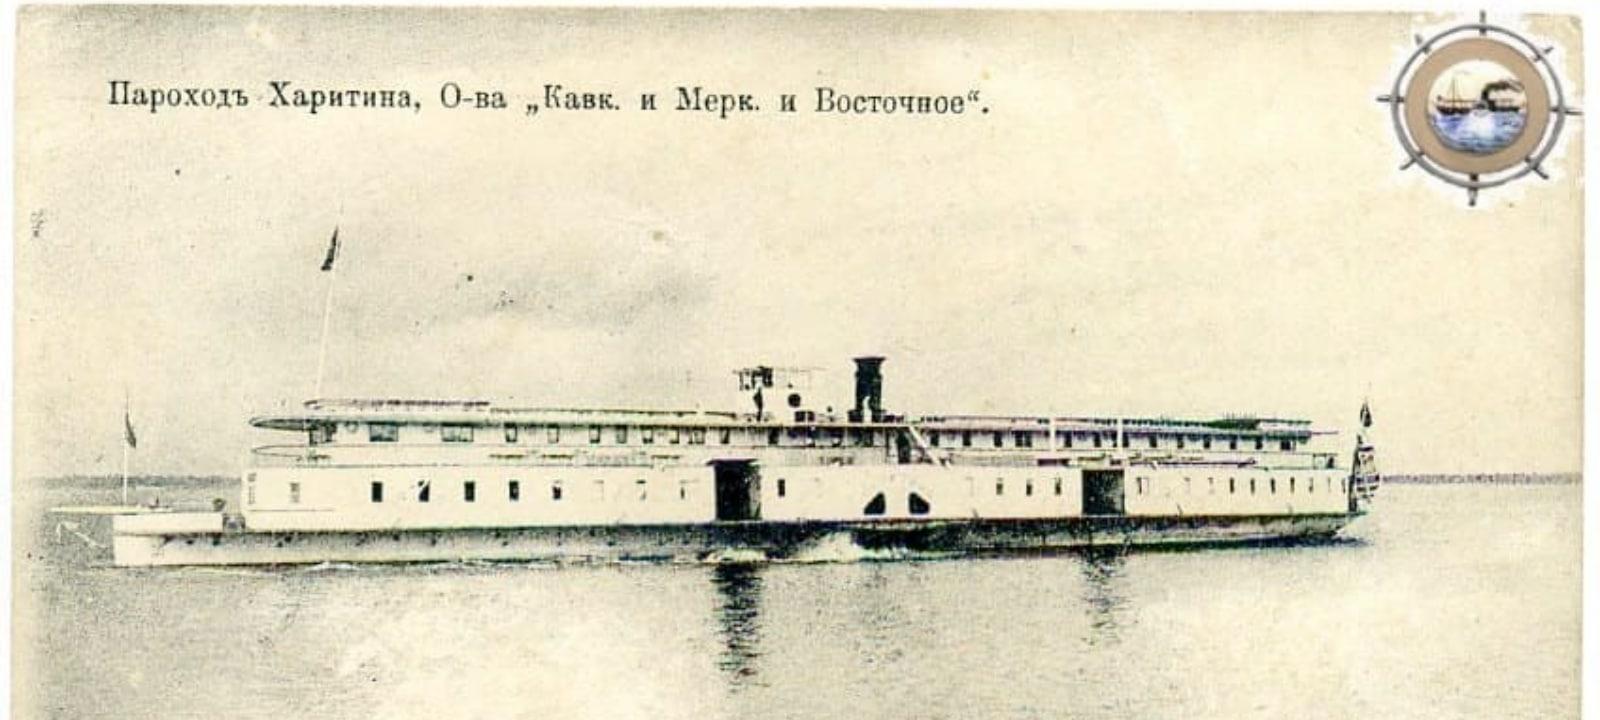 Historyczne zdjęcie parowca Vera Finger